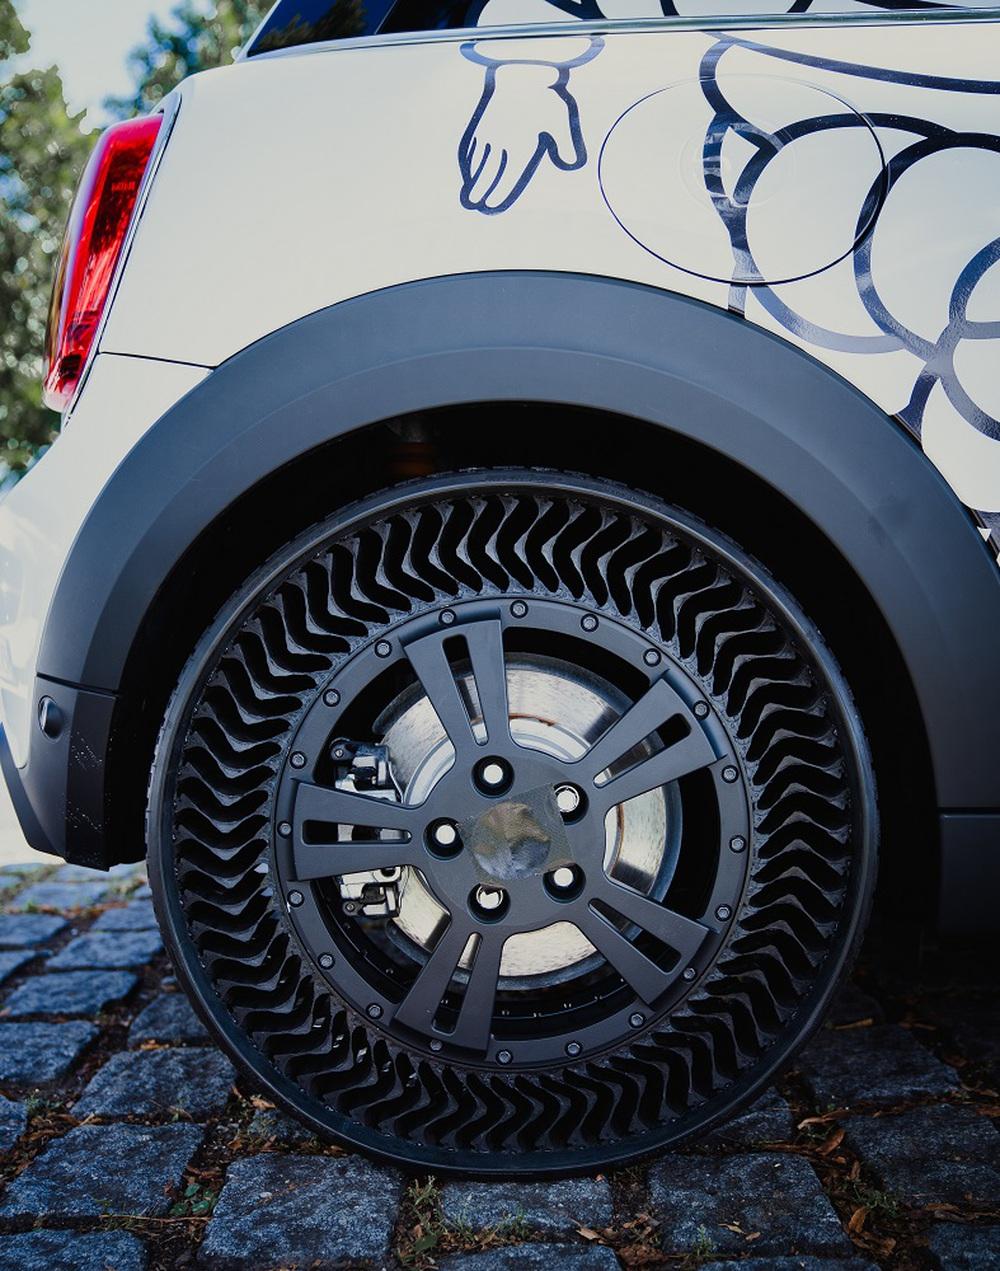 Cách tốt nhất để lốp xe không bị xì hơi: Làm lốp xe không có hơi! - Ảnh 2.